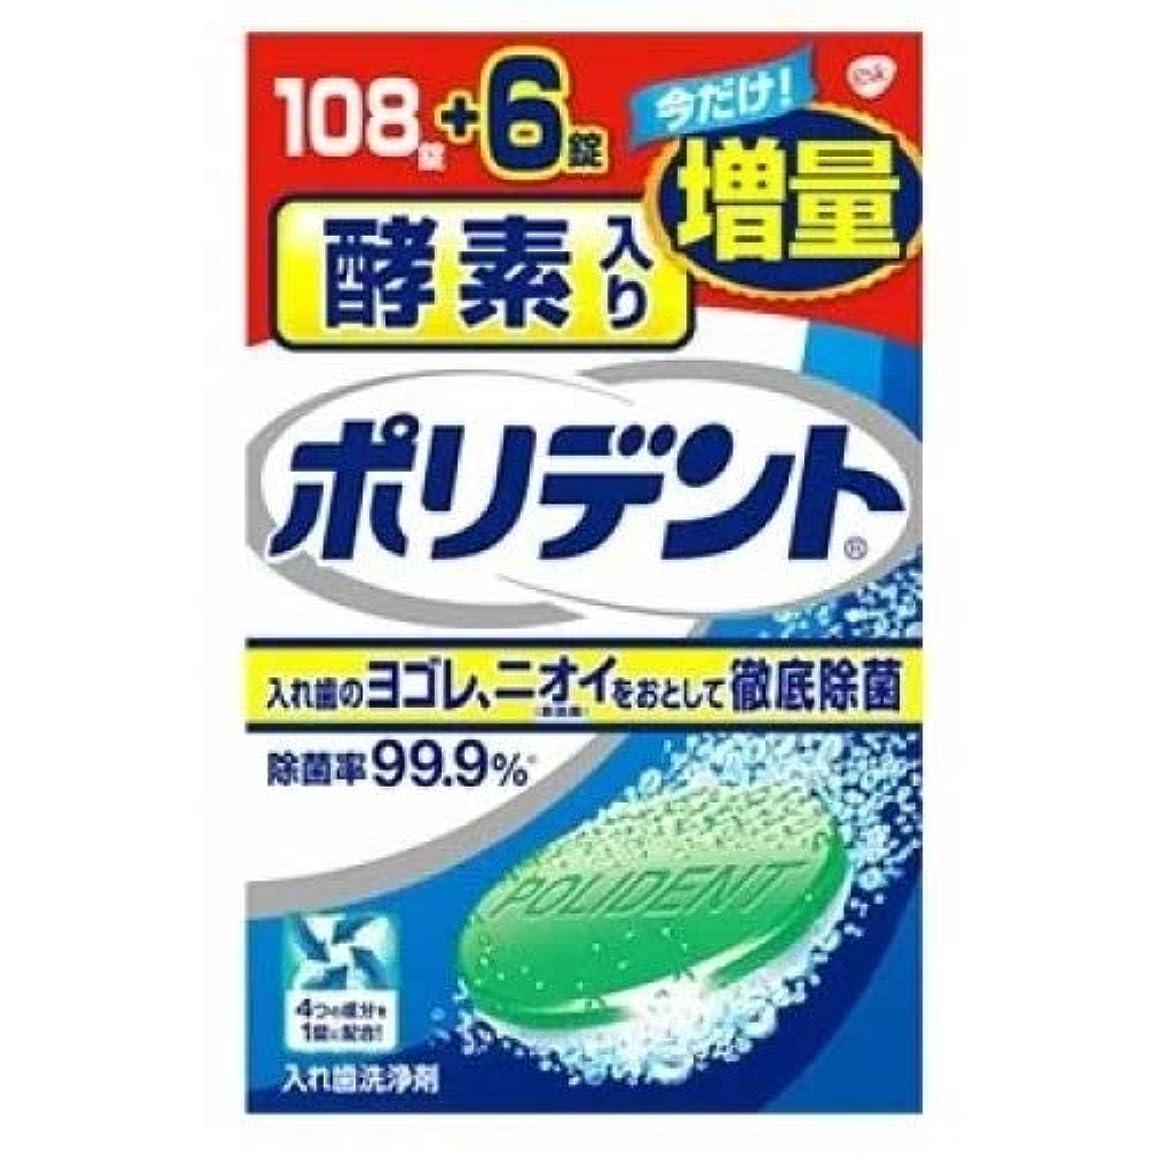 いたずらなミケランジェロ仕える酵素入りポリデント 108錠+6錠増量品